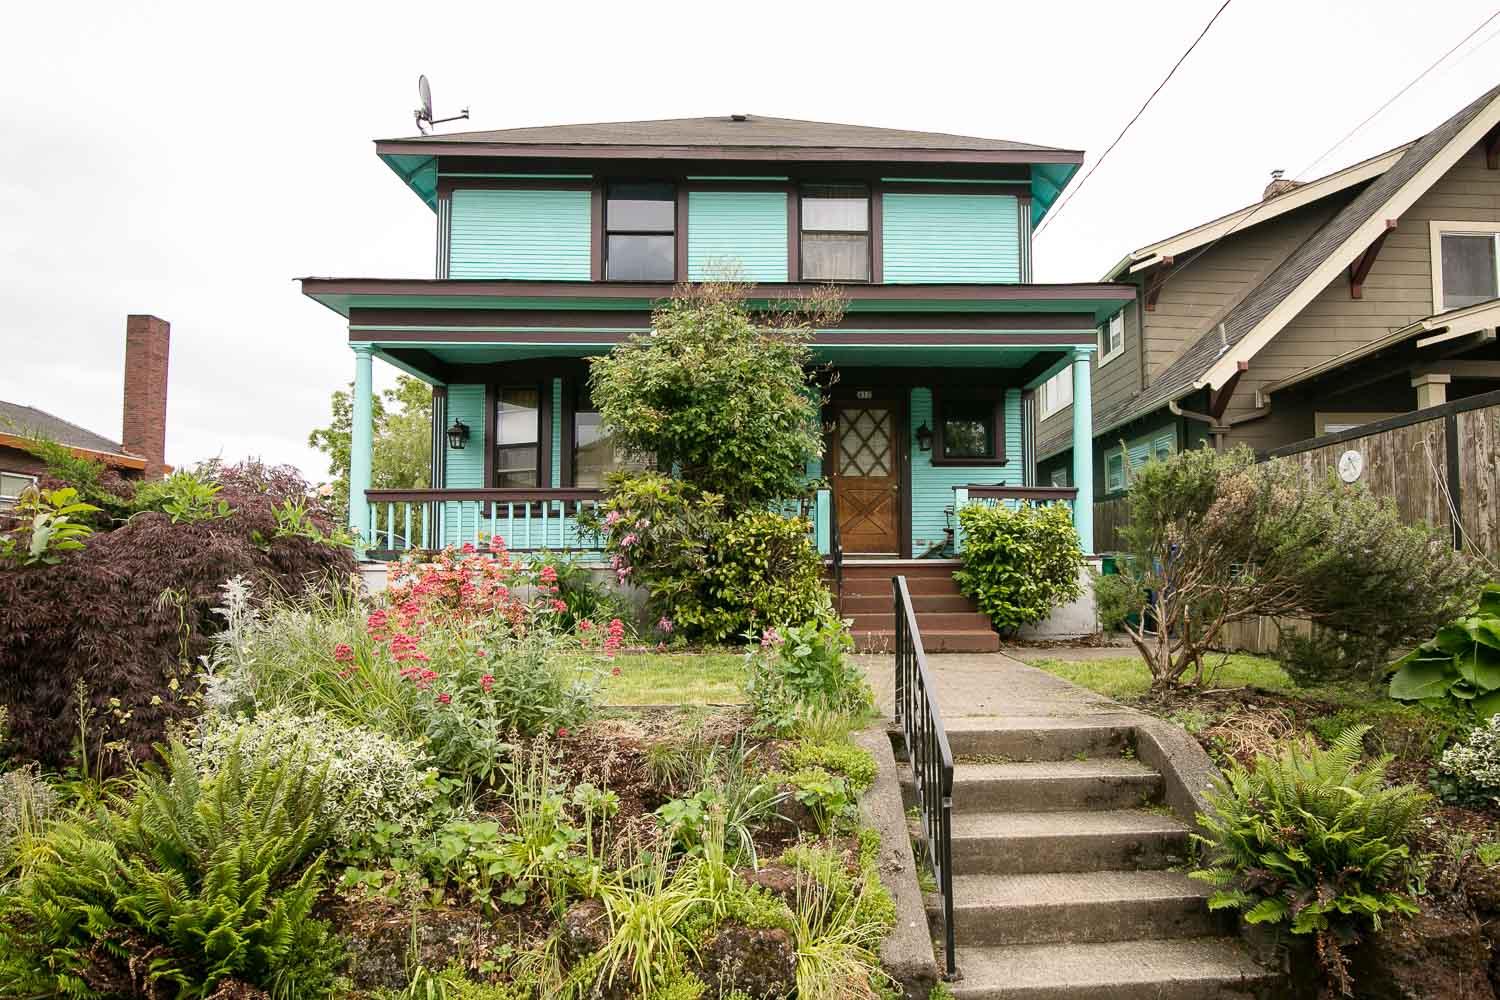 sold-by-salgado_francisco-salgado_realtor_real-estate-broker-portland-montavilla-neighborhood-homes-for-sale_1430.jpg